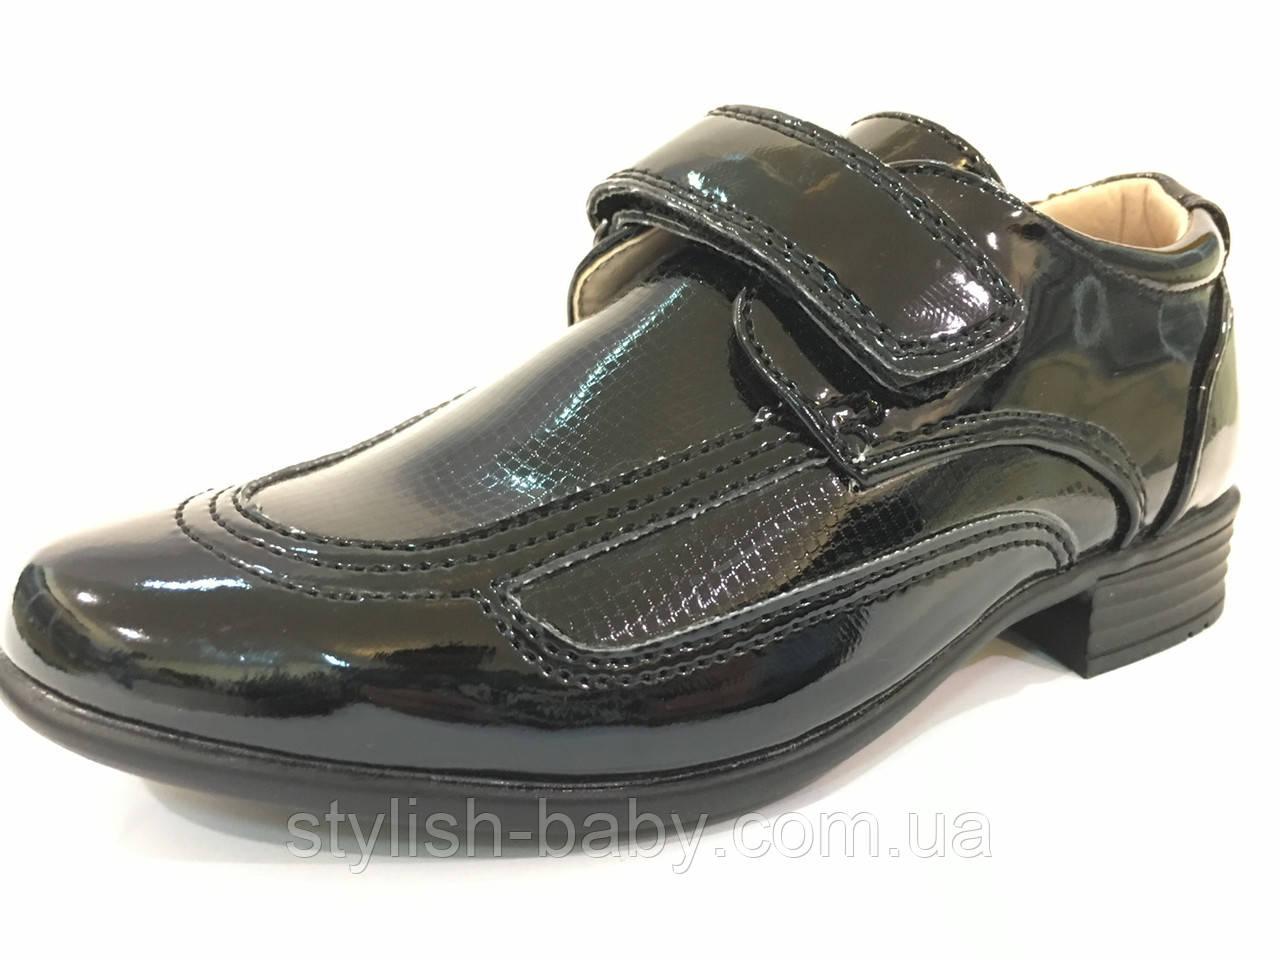 Детские школьные туфли ТМ. Tom.m для мальчиков (разм. с 27 по 32)